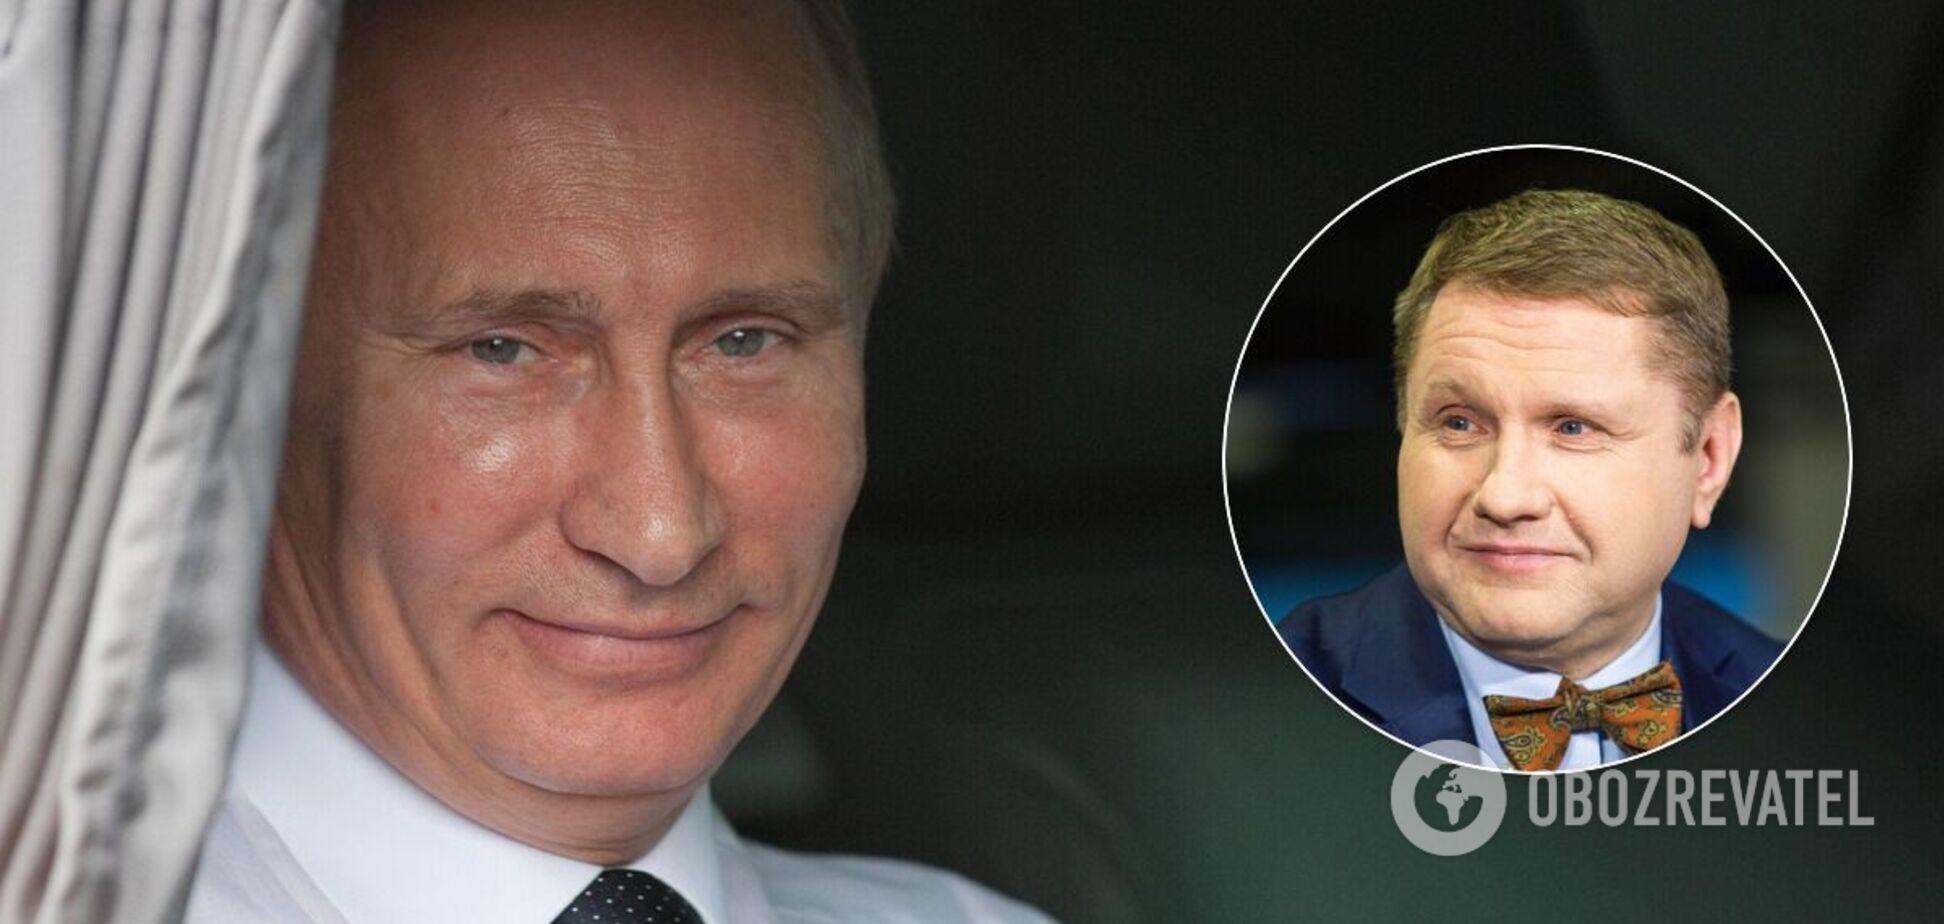 Эггерт не думает, что Путин будет чувствовать себя спокойно, уйдя с поста президента